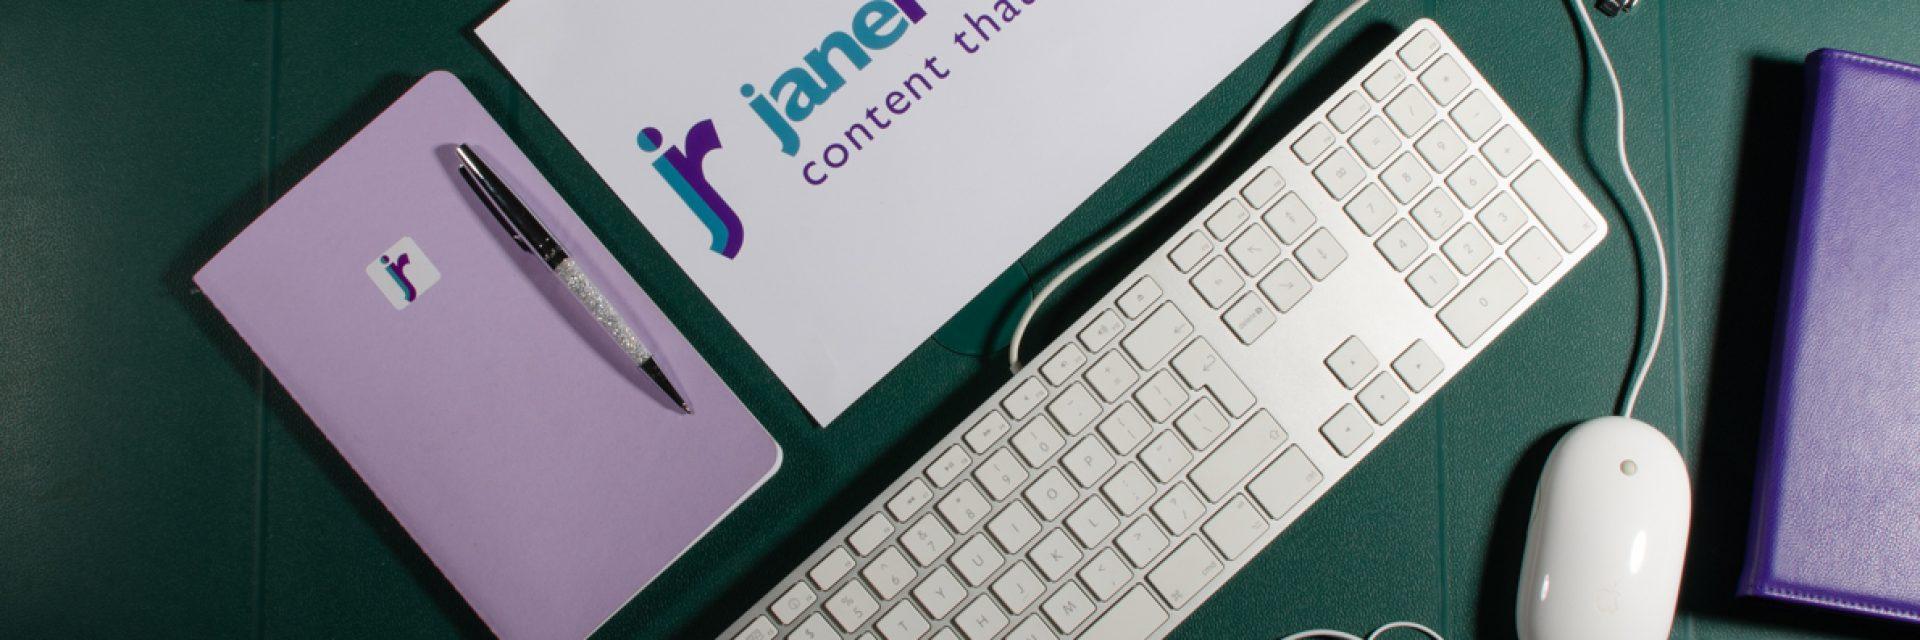 Jane Rogers PR logo & keyboard